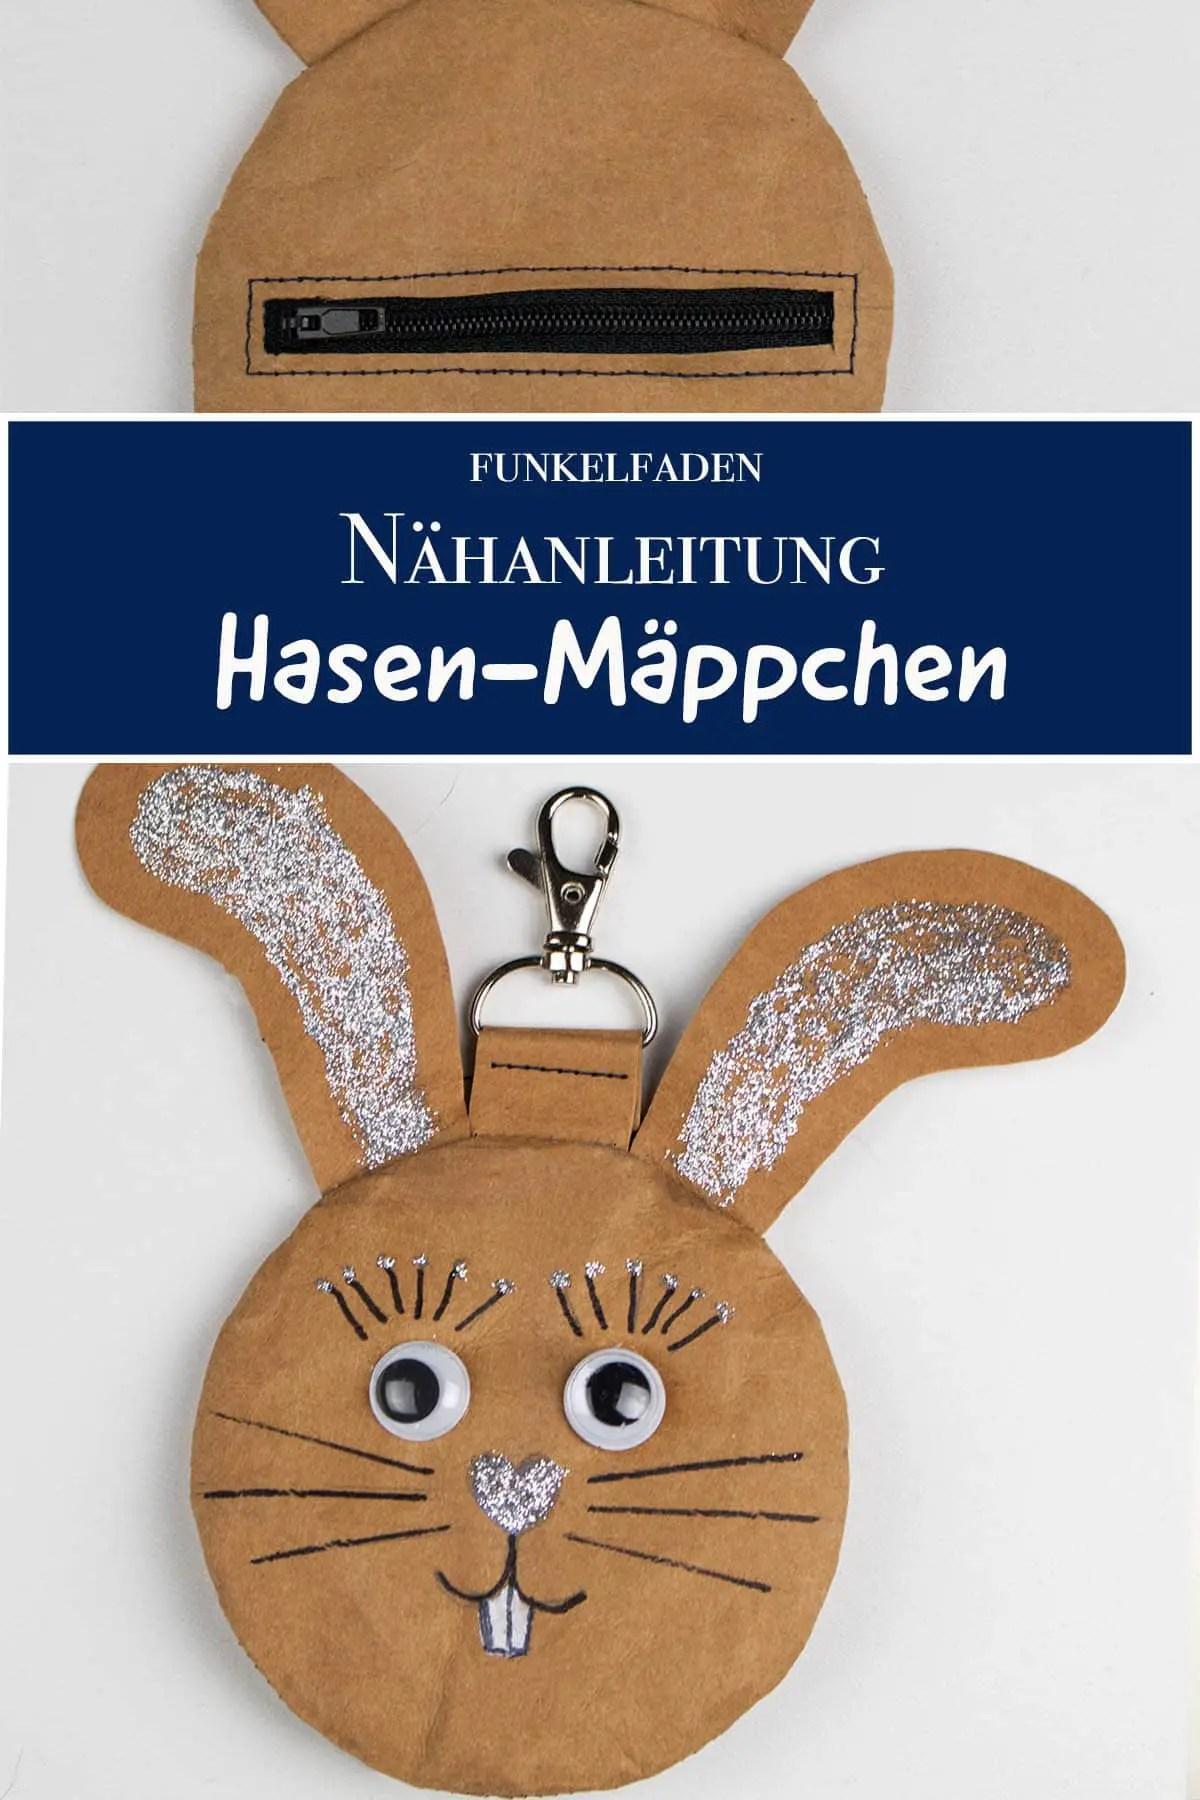 Nähanleitung - Hasen-Mäppchen für Ostern nähen